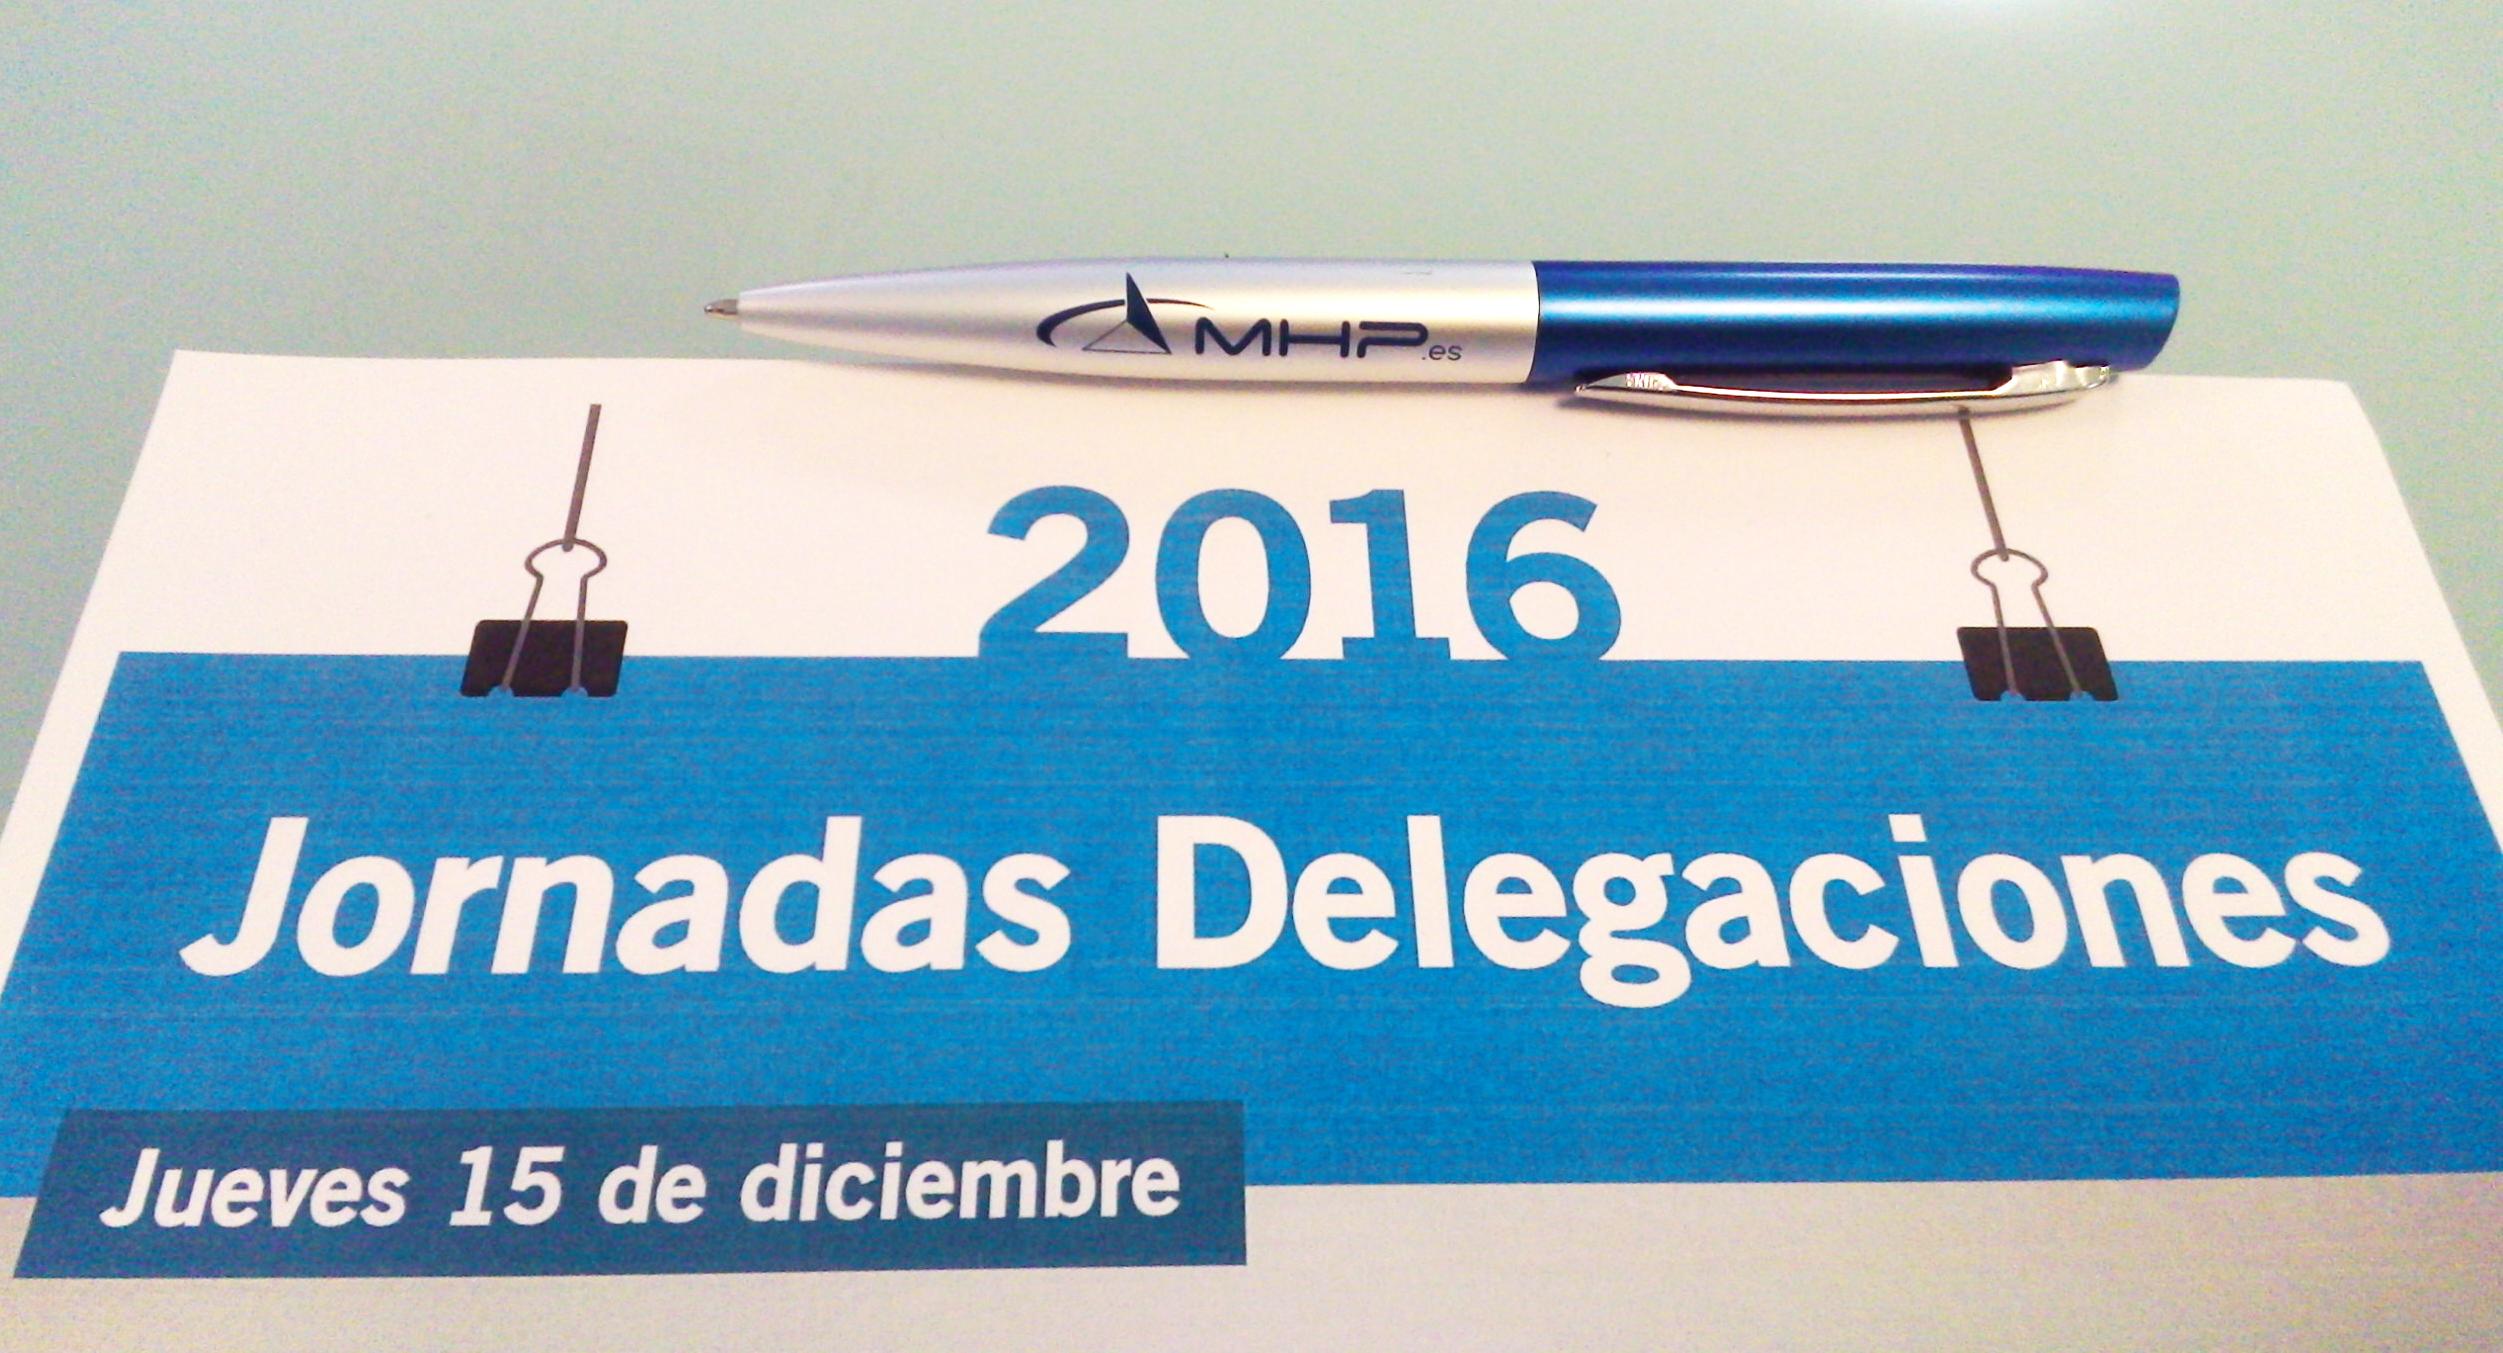 mhp-jornadas-delegaciones-comerciales